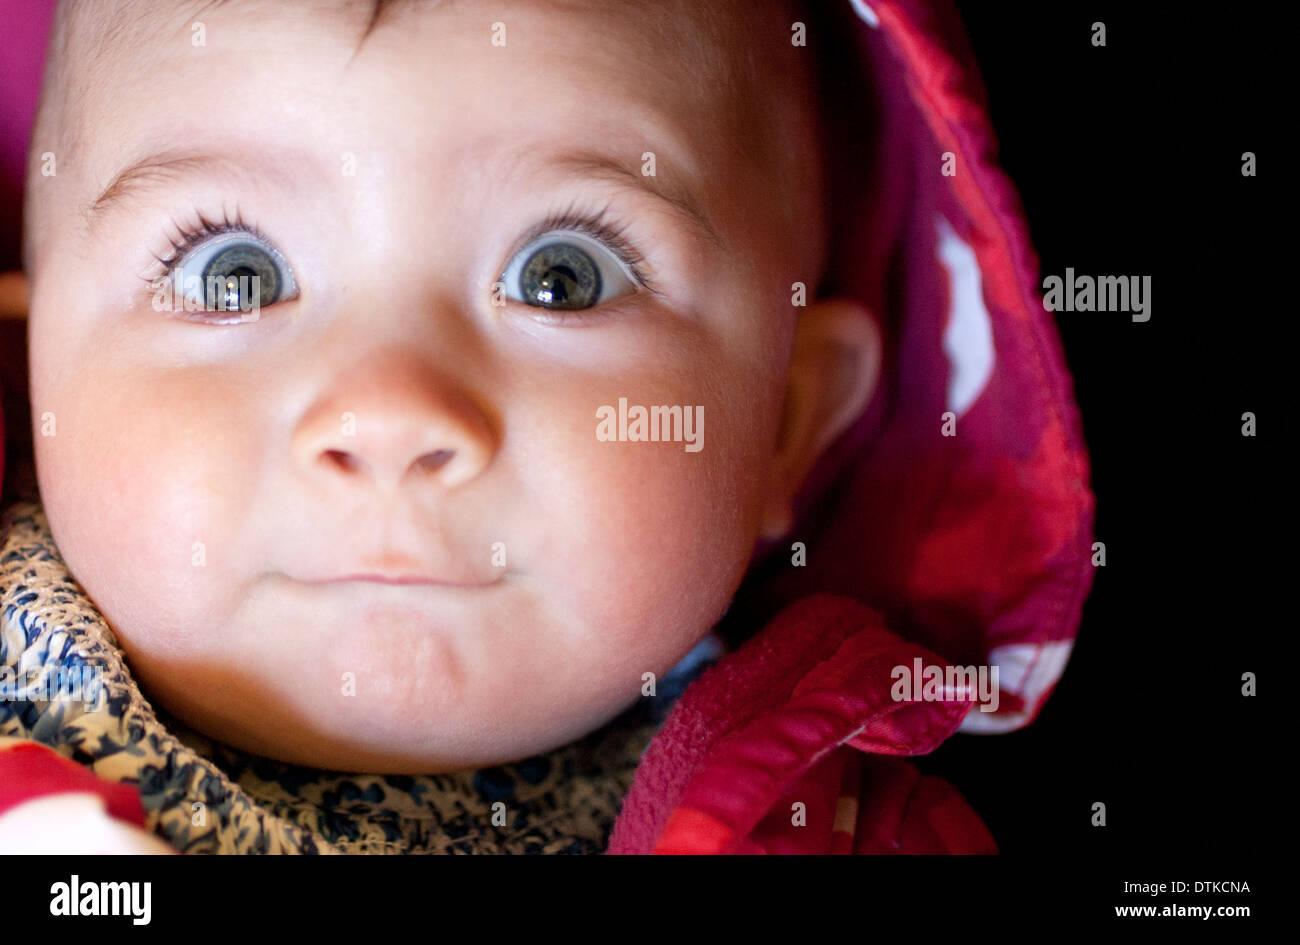 Babymädchen überrascht Gesicht Nahaufnahme Stockbild